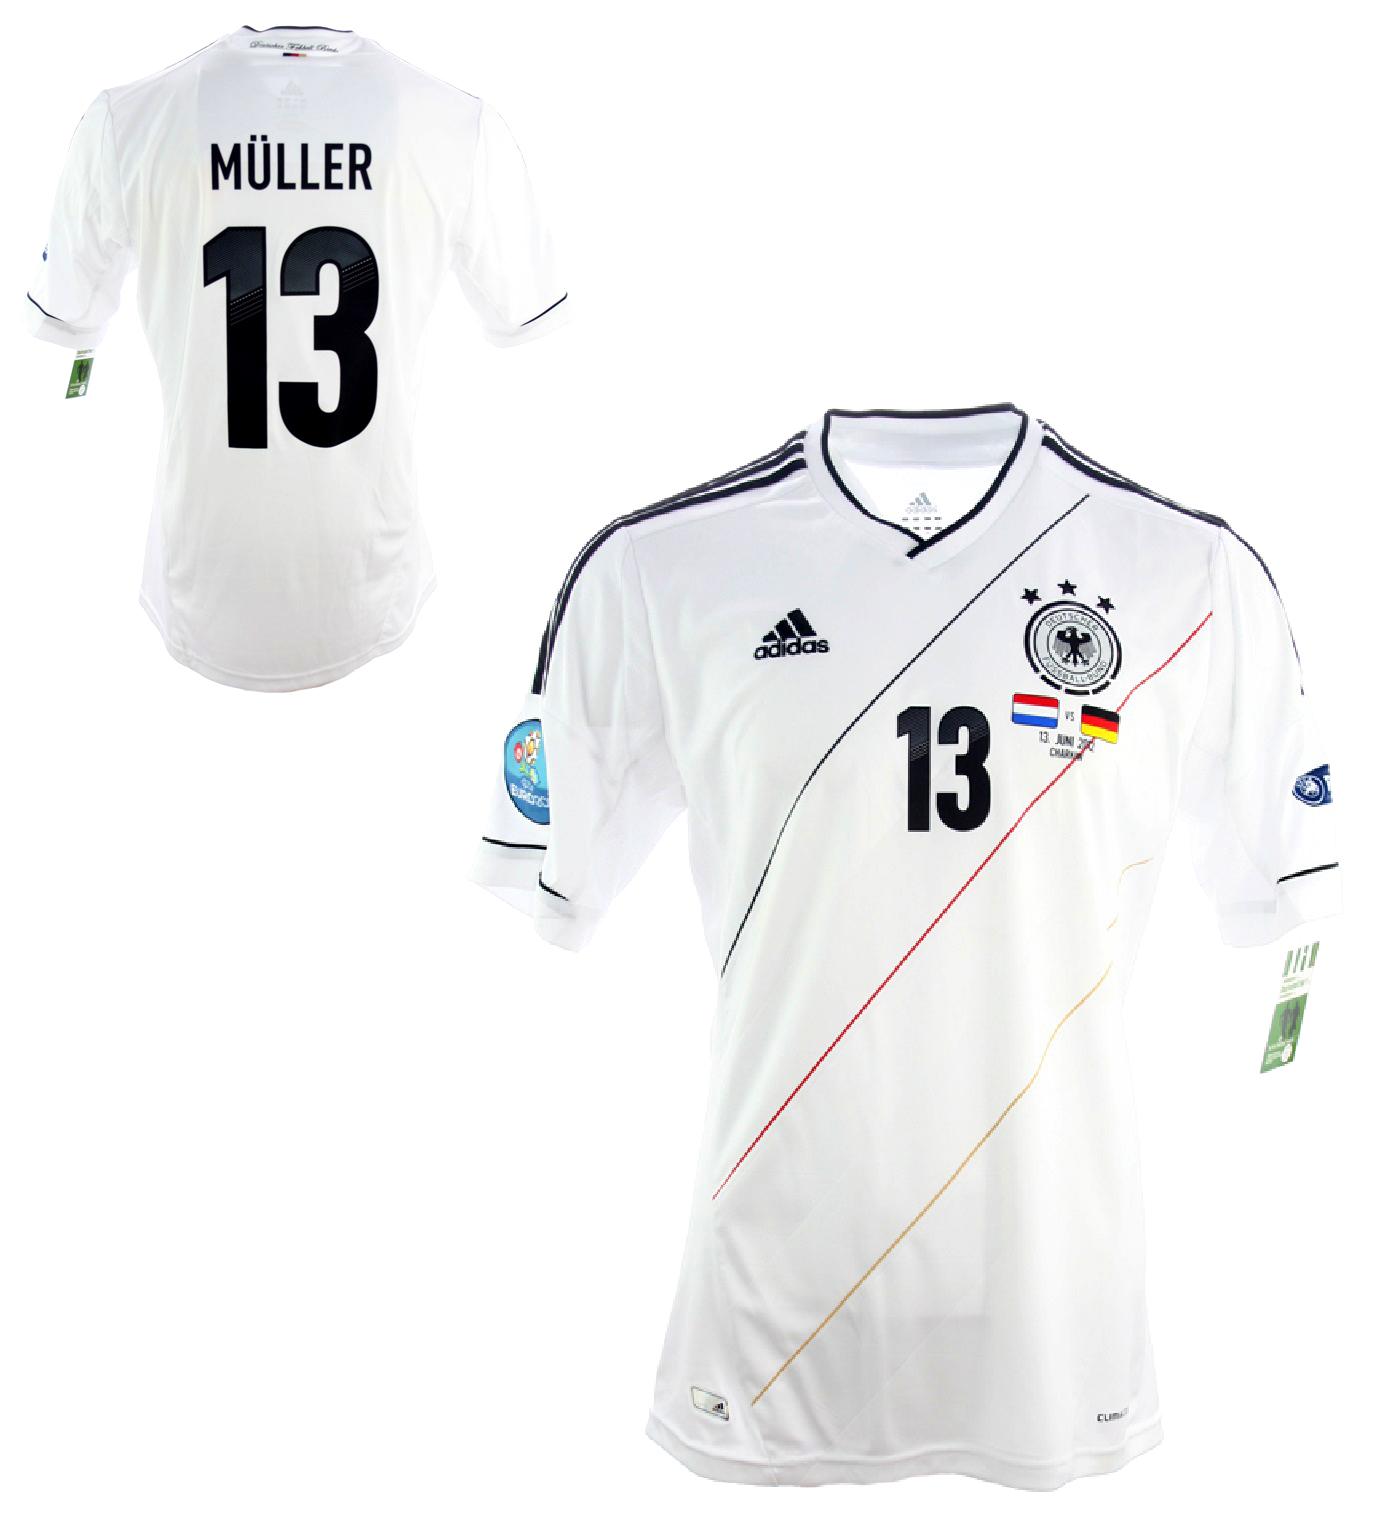 adidas Adidas Deutscher Fussball Bund Muller Men's T shirt, White